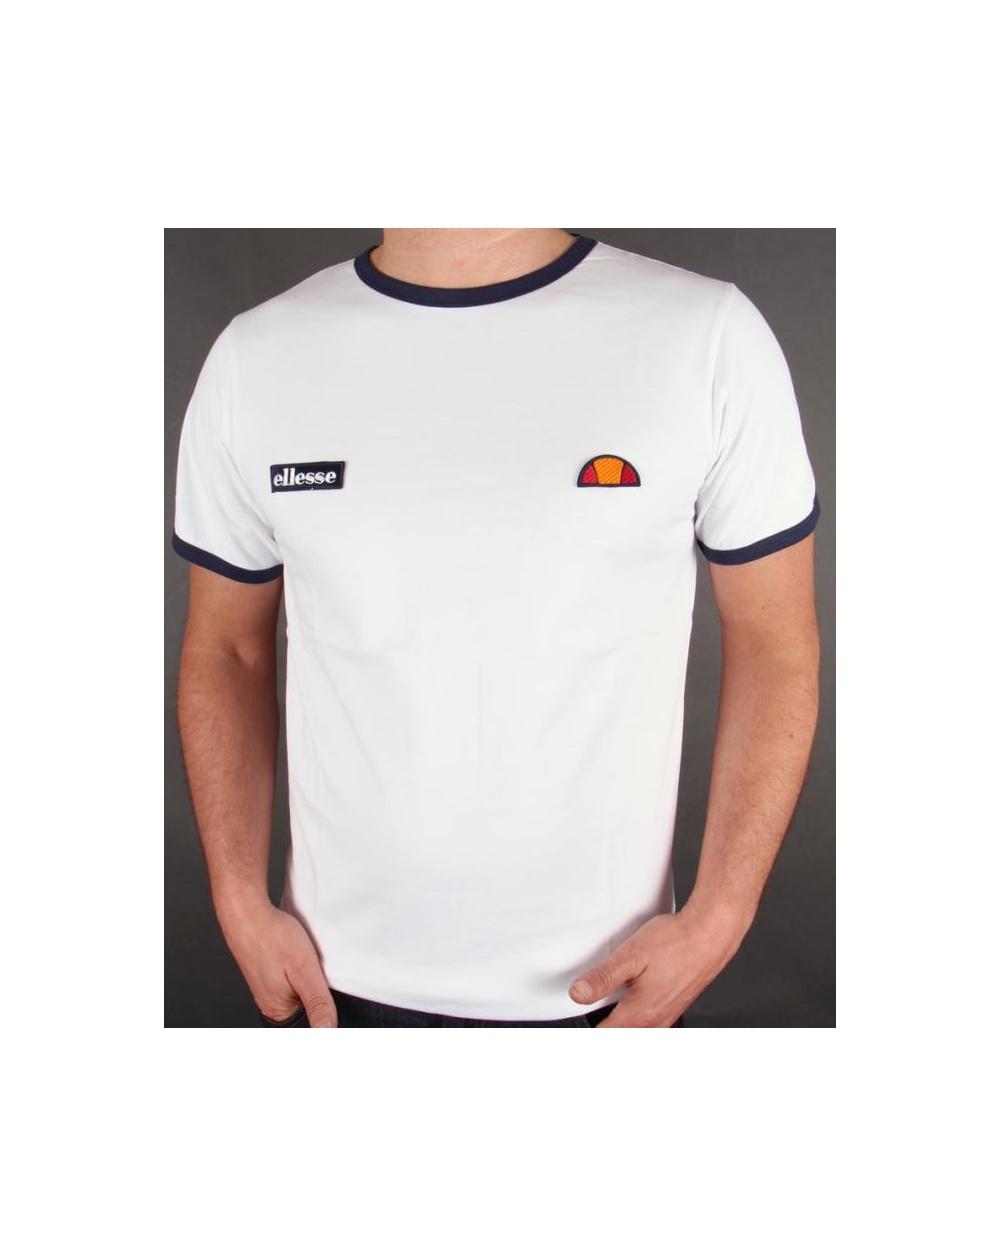 fc3ab5a3 Ellesse Ringer T-shirt White - varetto ringer tee